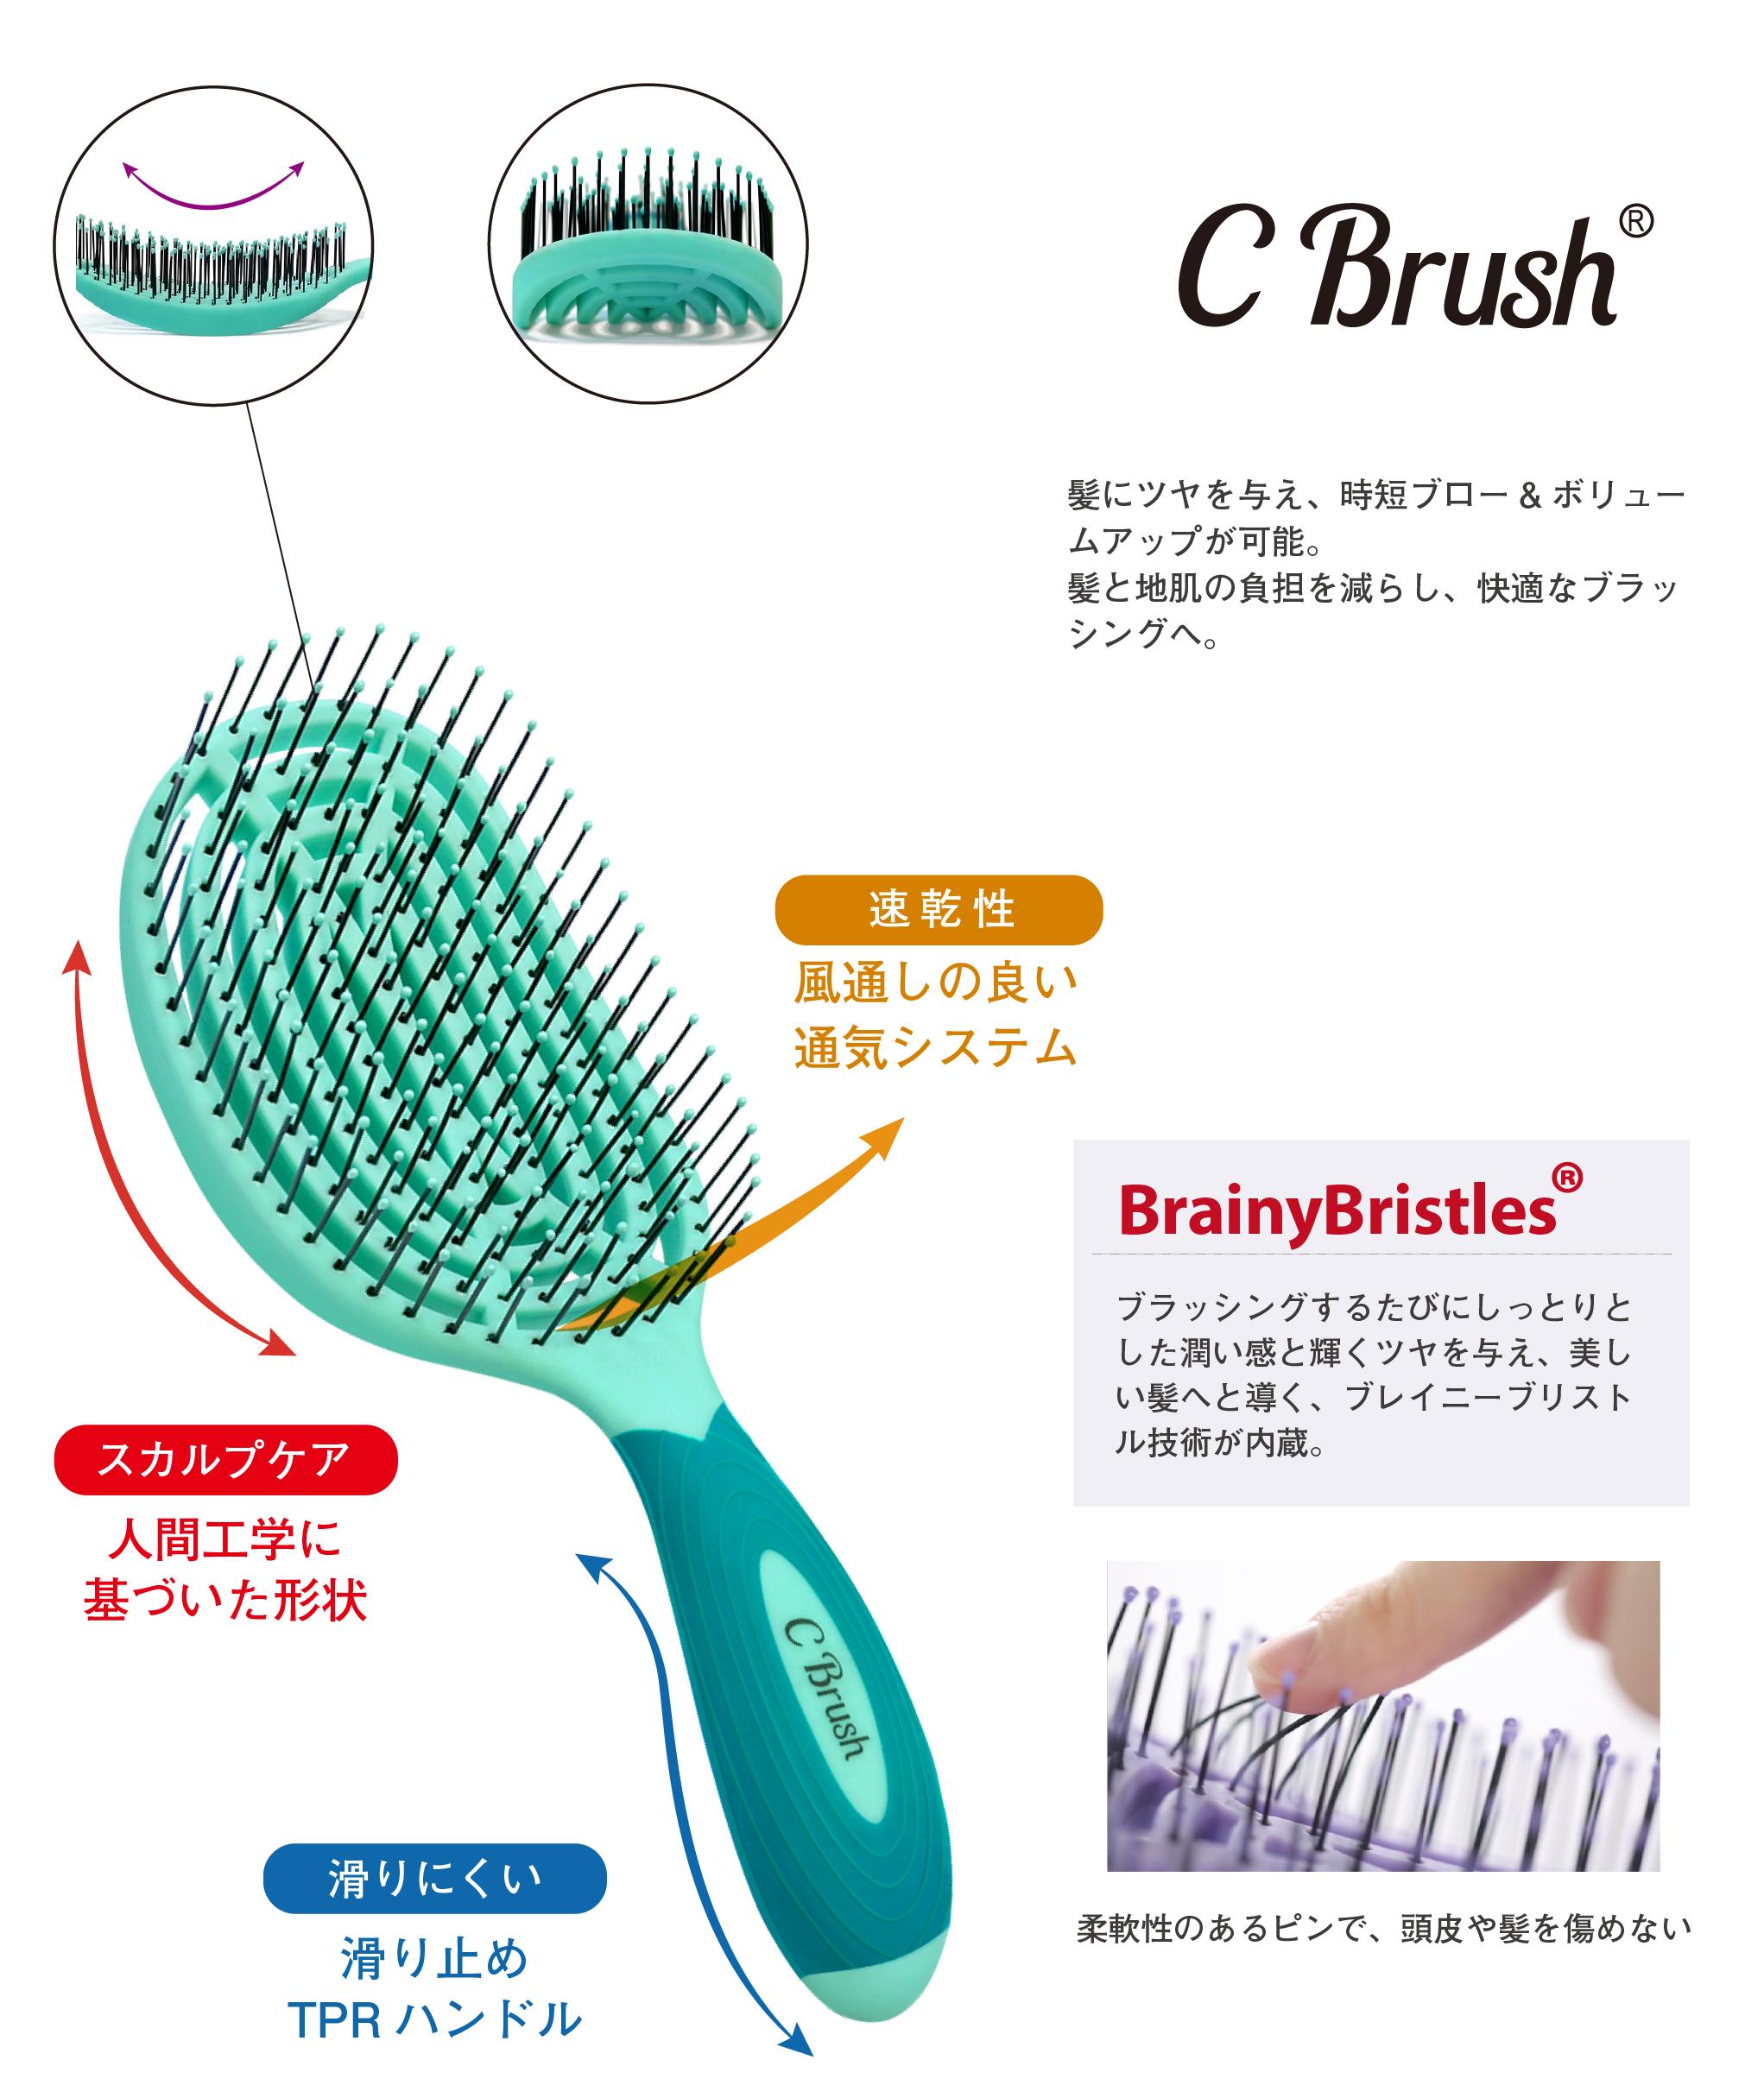 NuWay C Brush